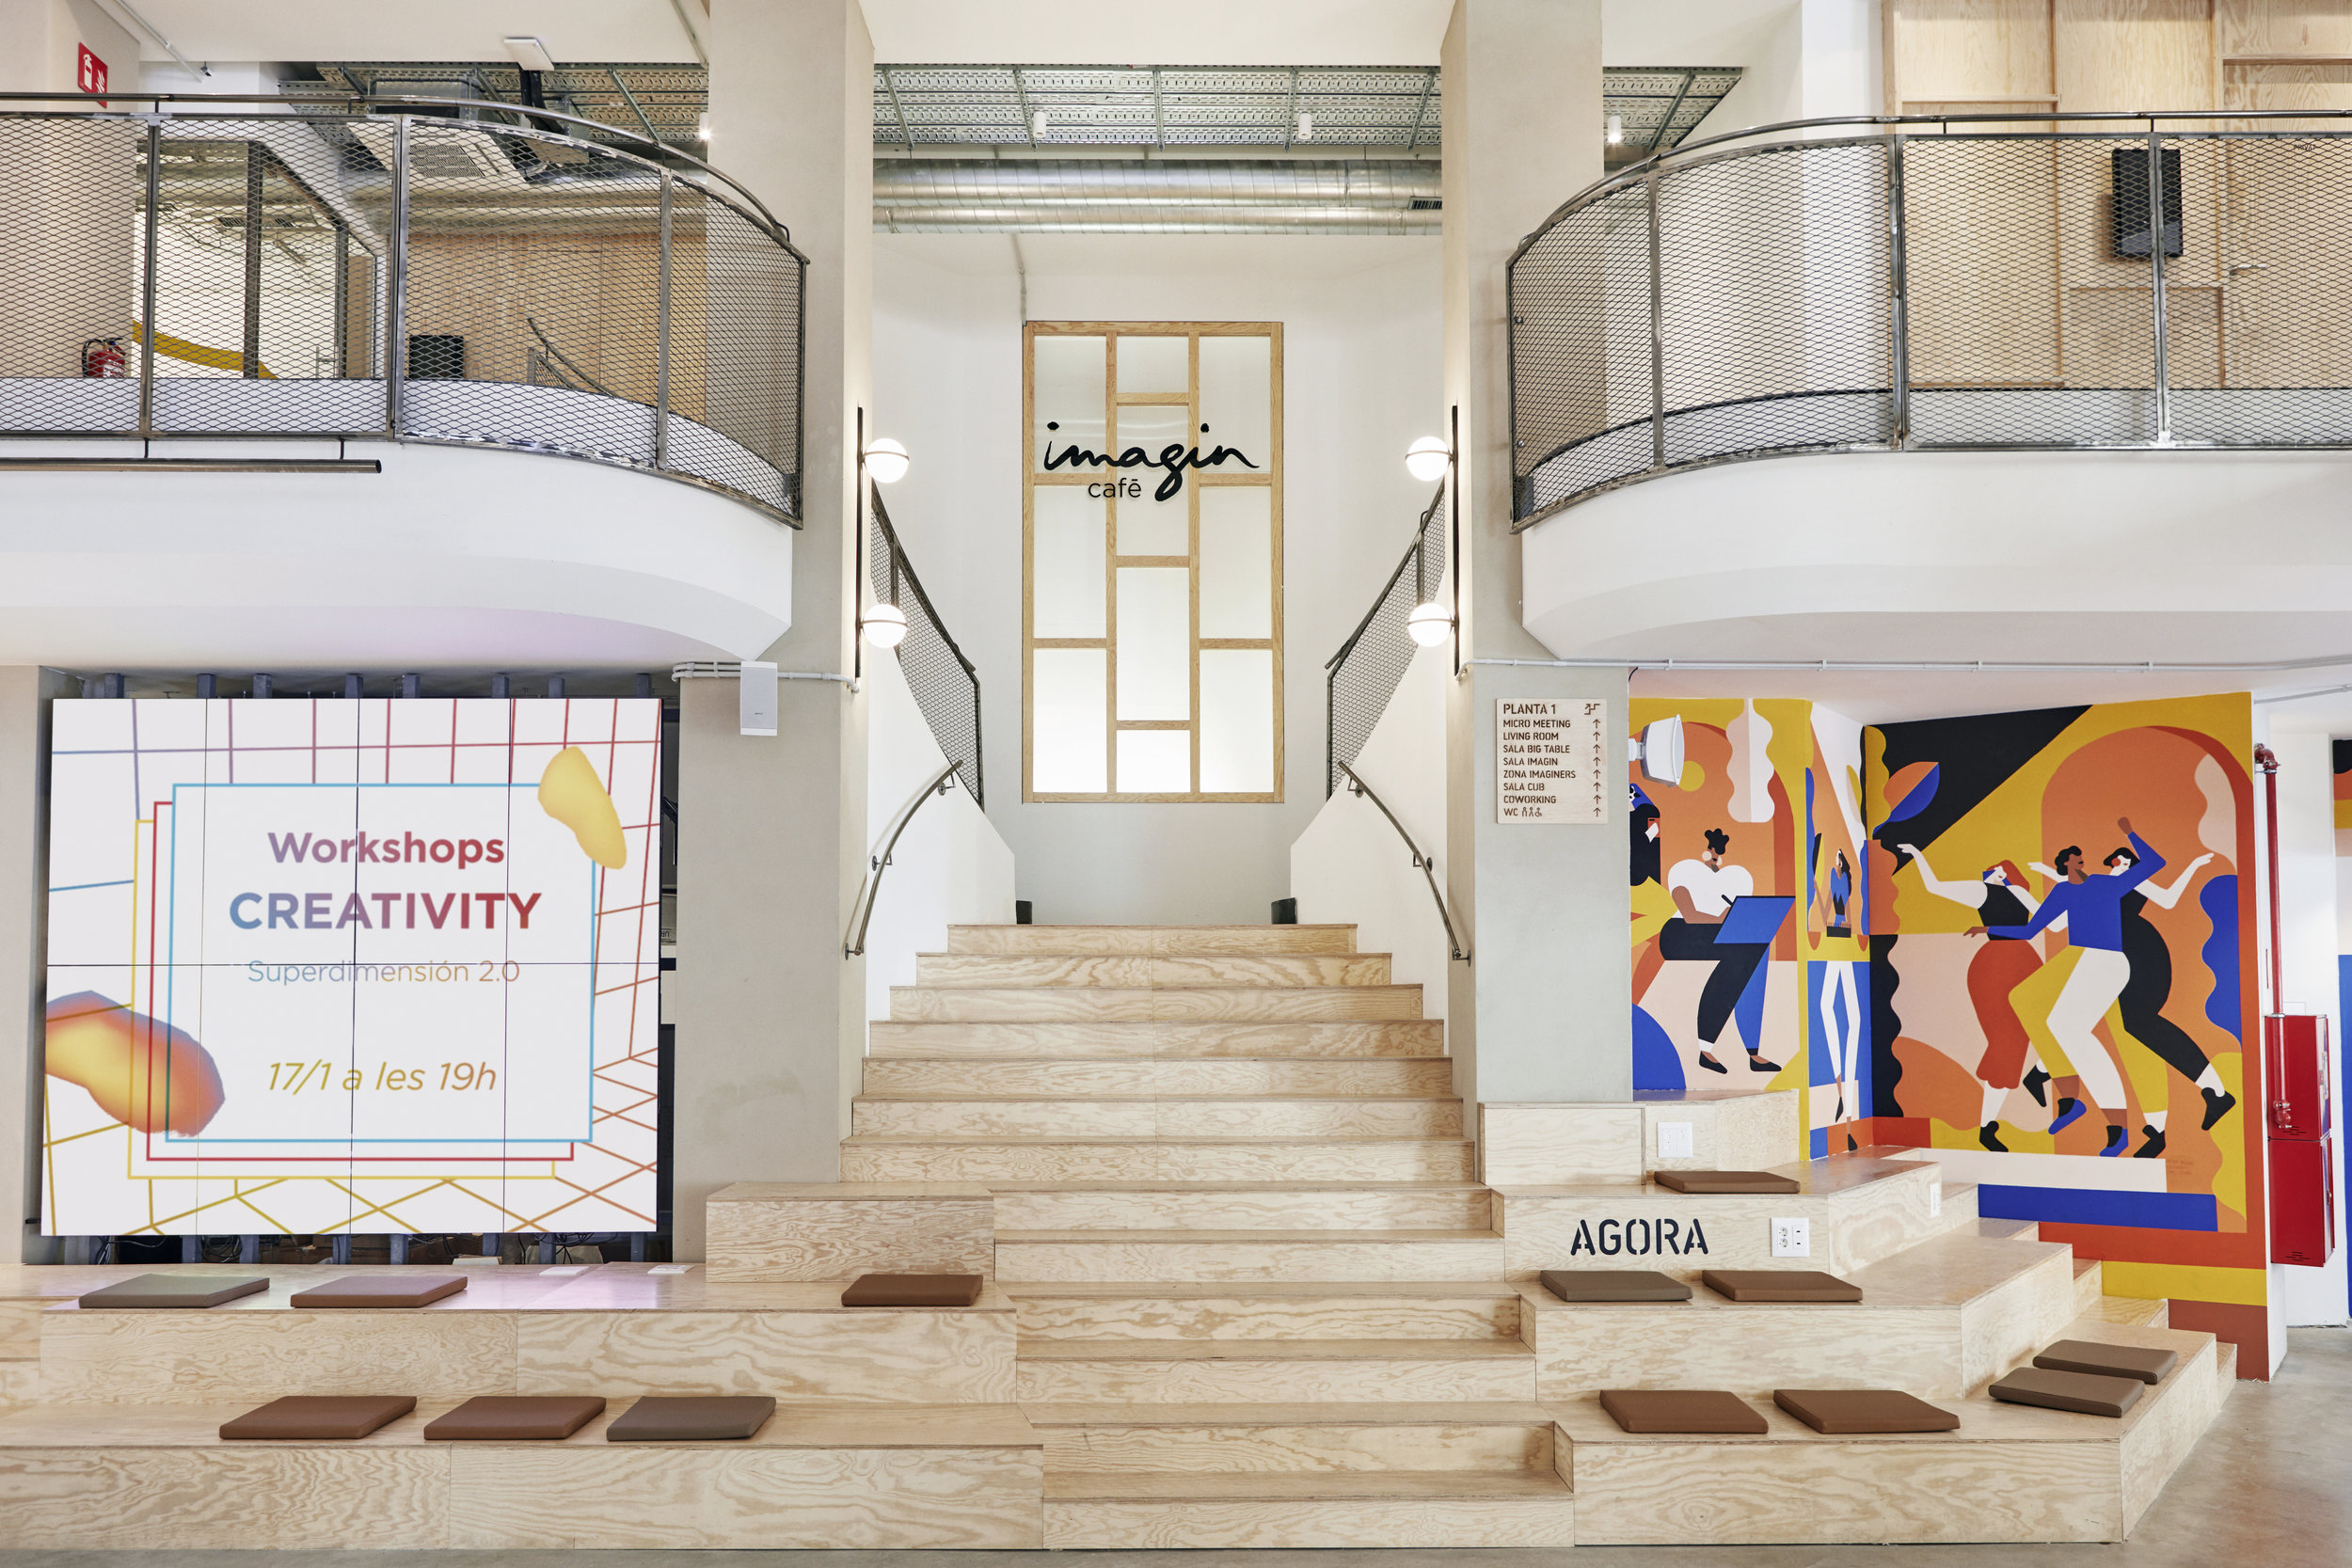 Espacio Ágora, vista de escaleras, asientos y videowall.